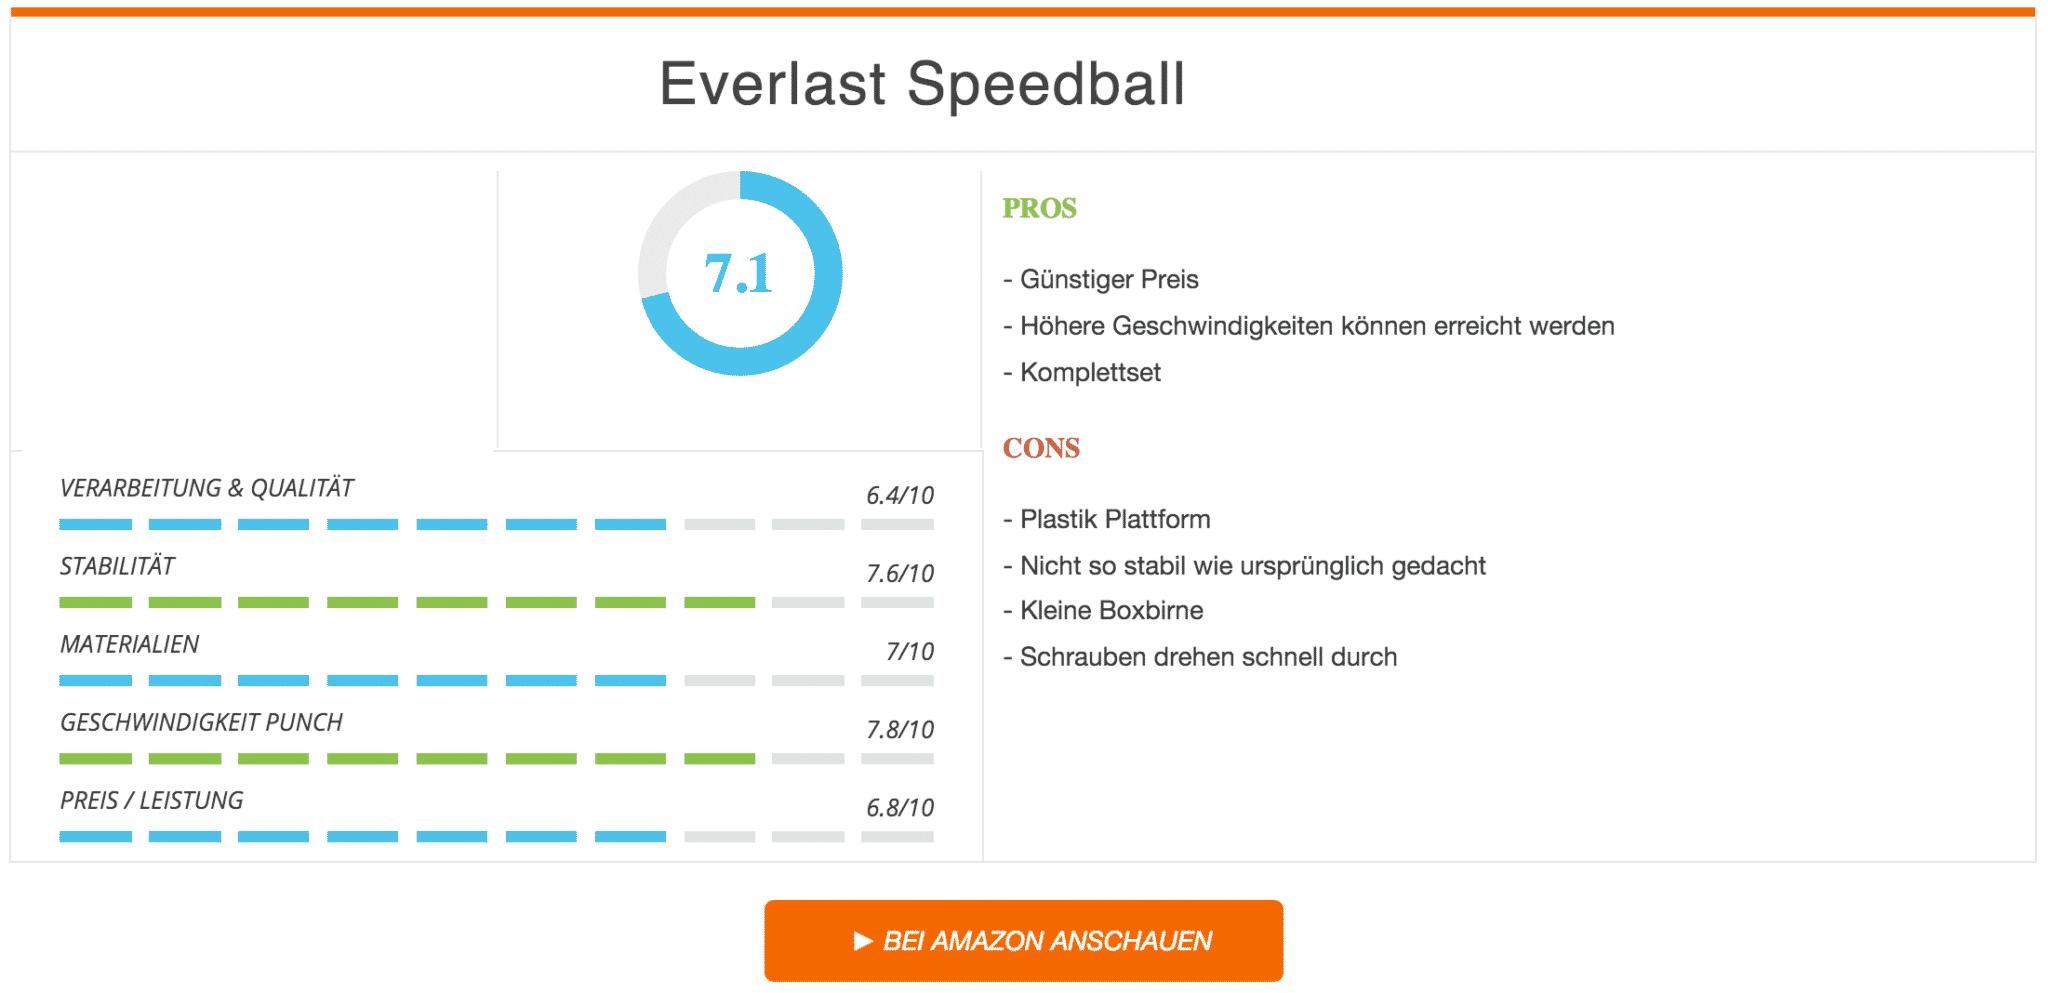 Everlast Speedball Ergebnis